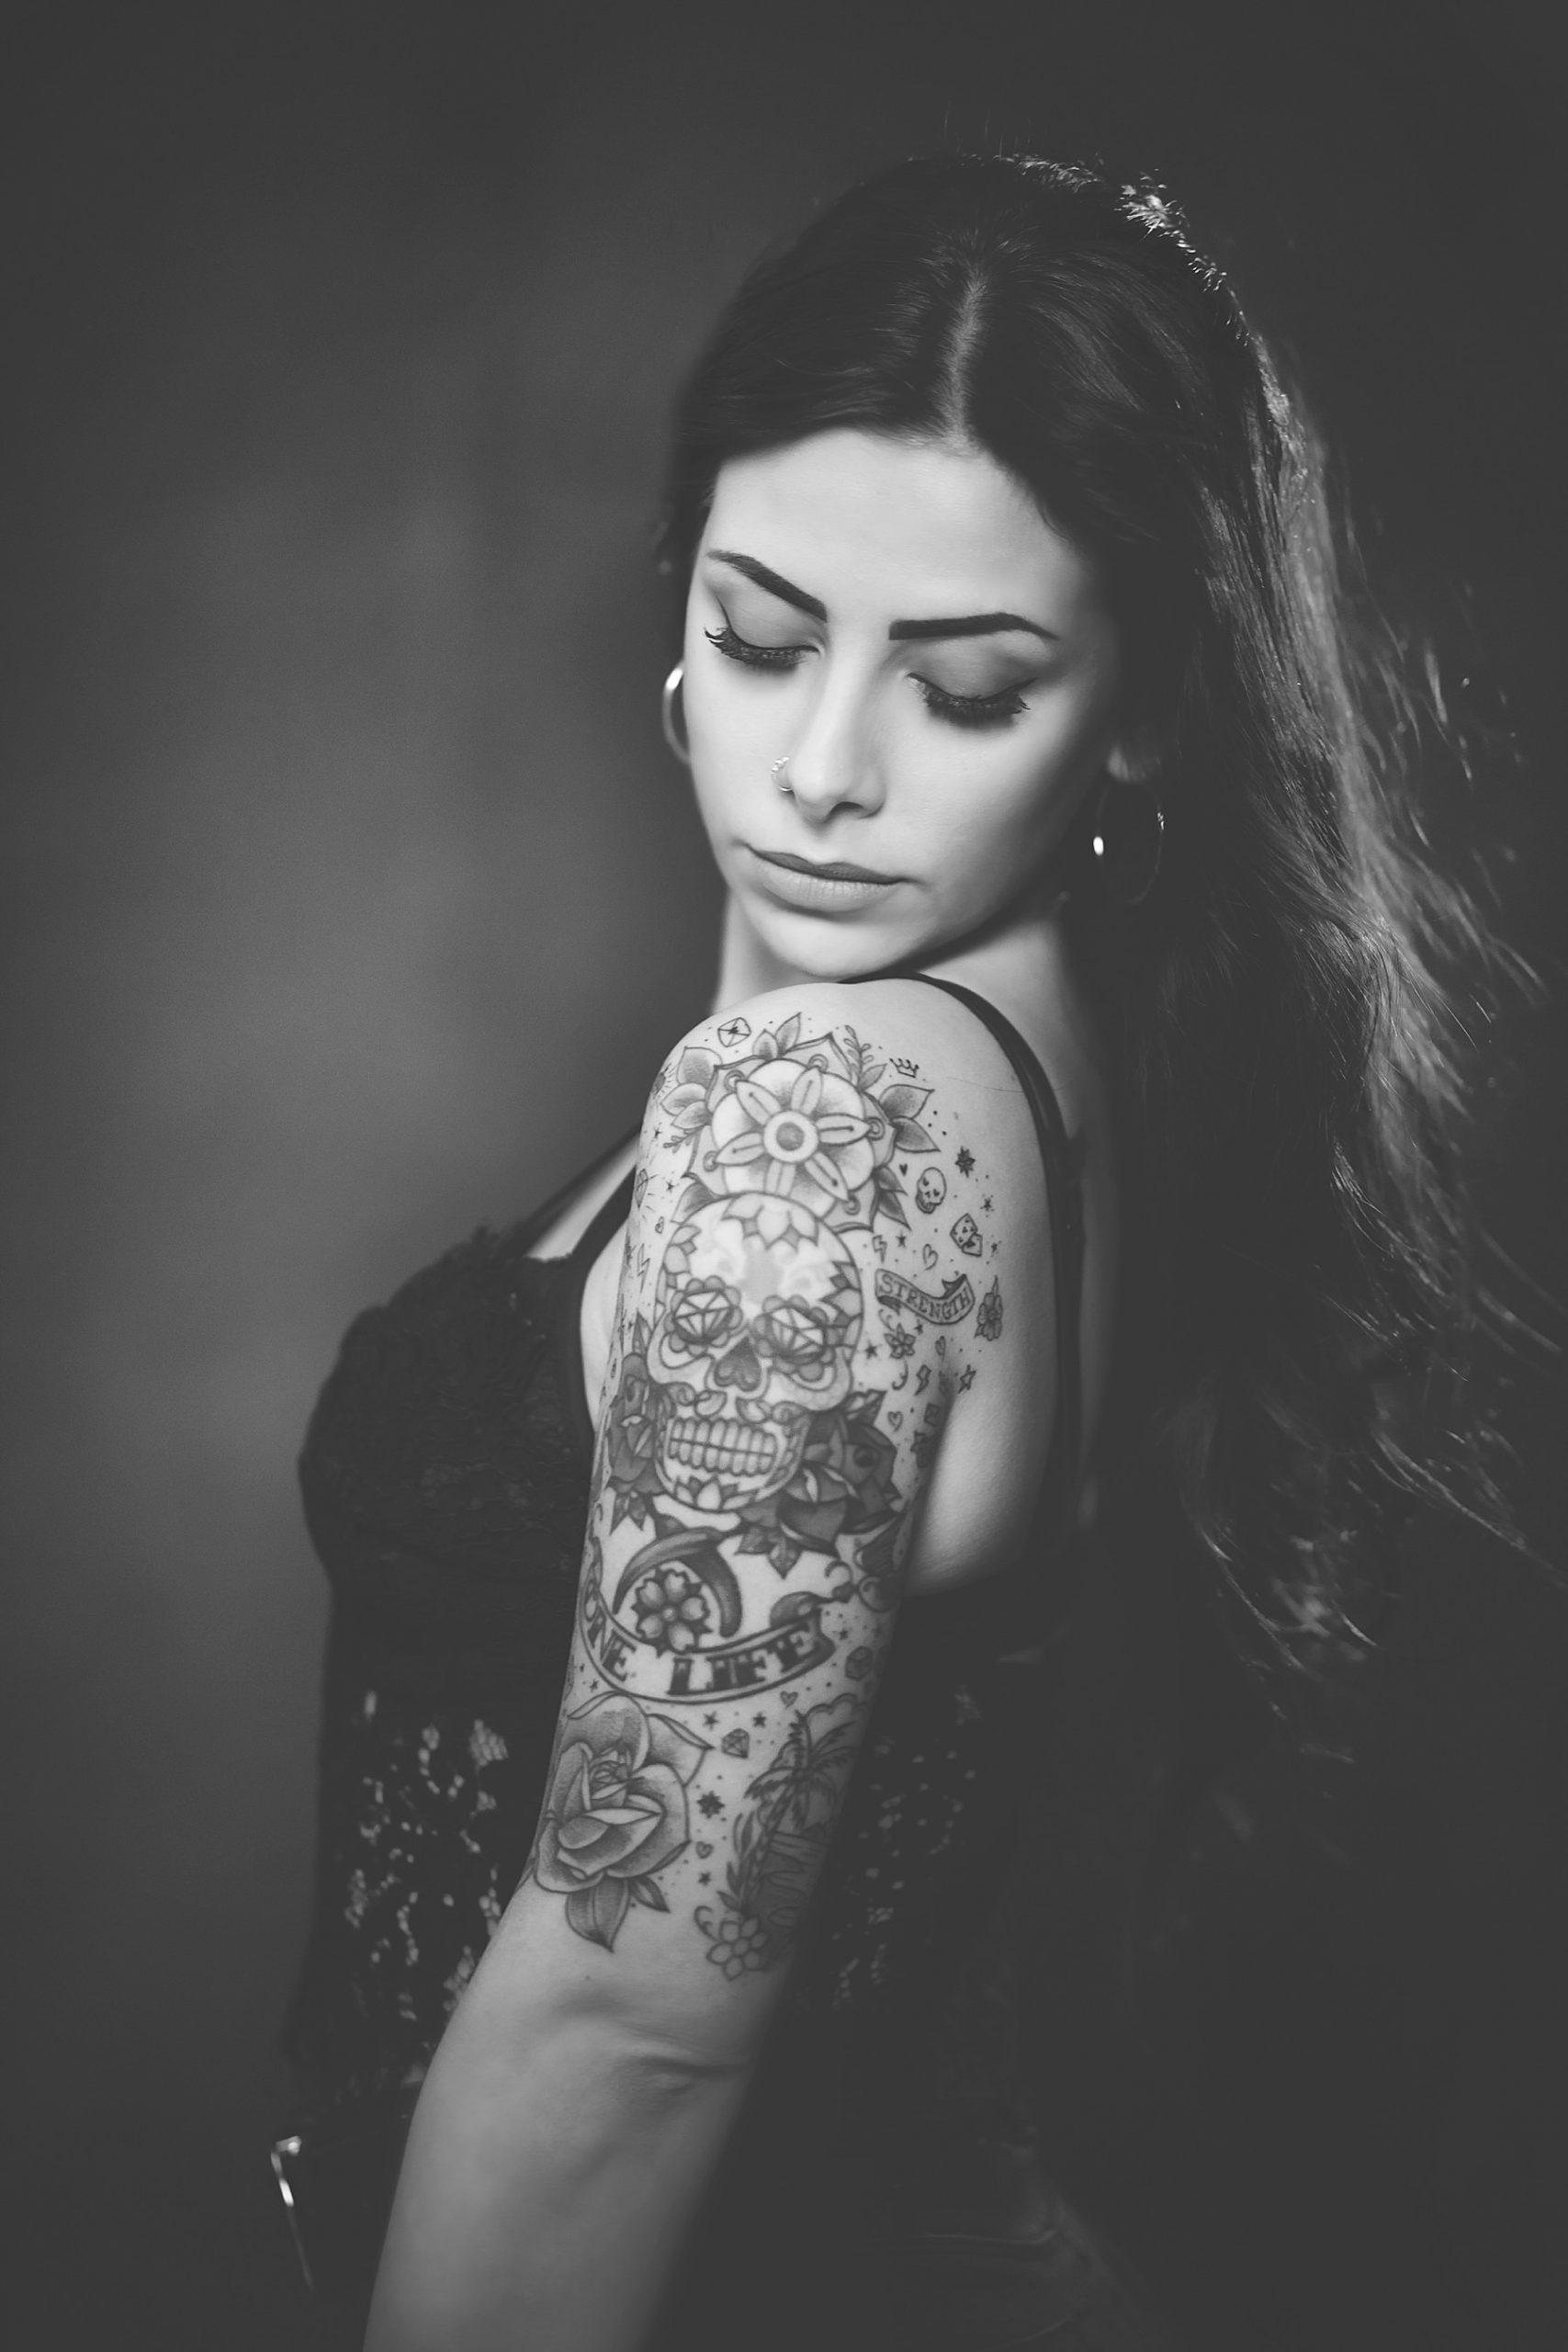 Sessione di ritratti in studio fotografico con bella ragazza.